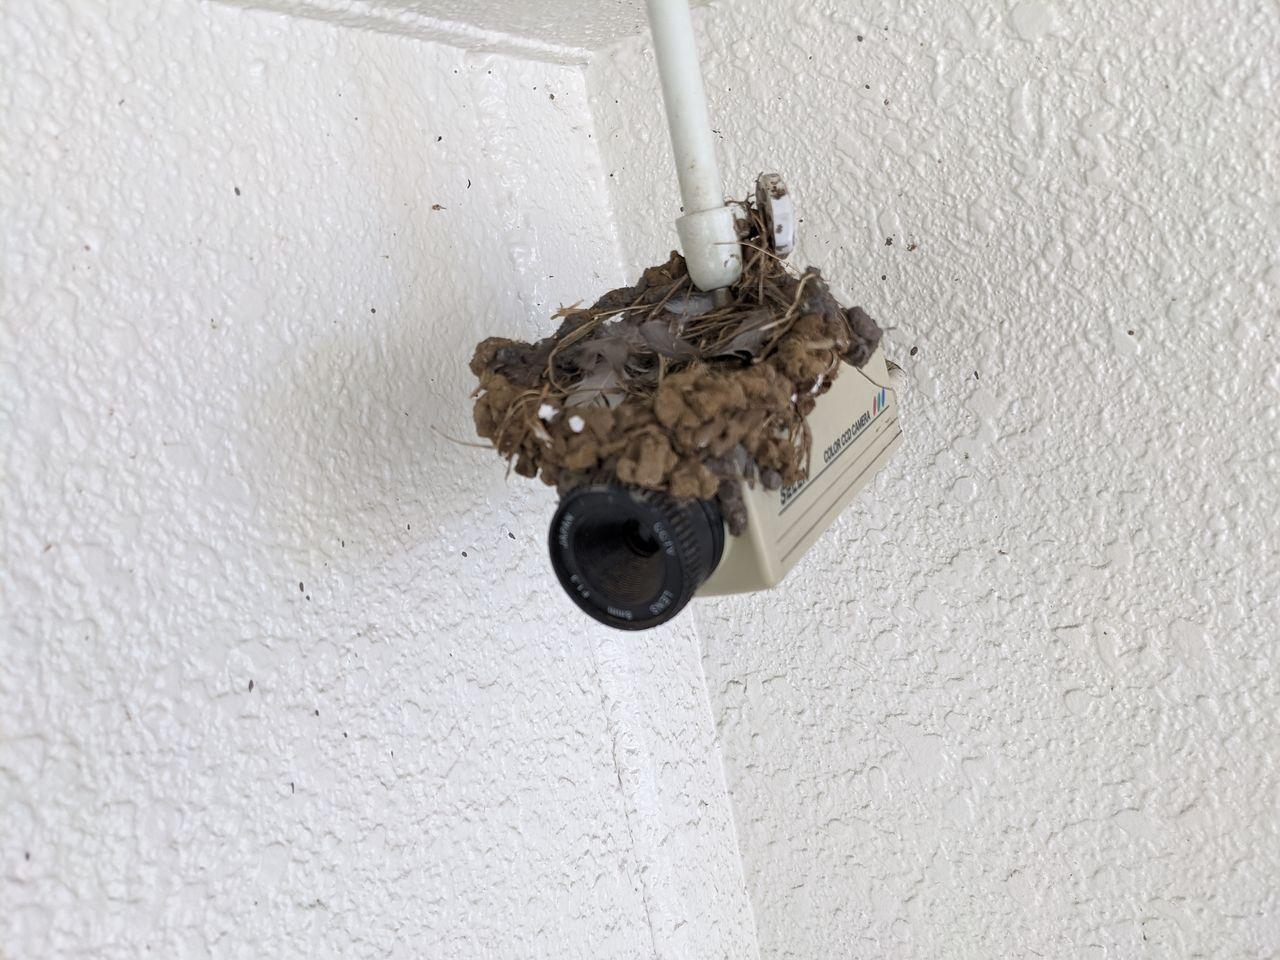 巣の中に大きな鳥の羽が残る